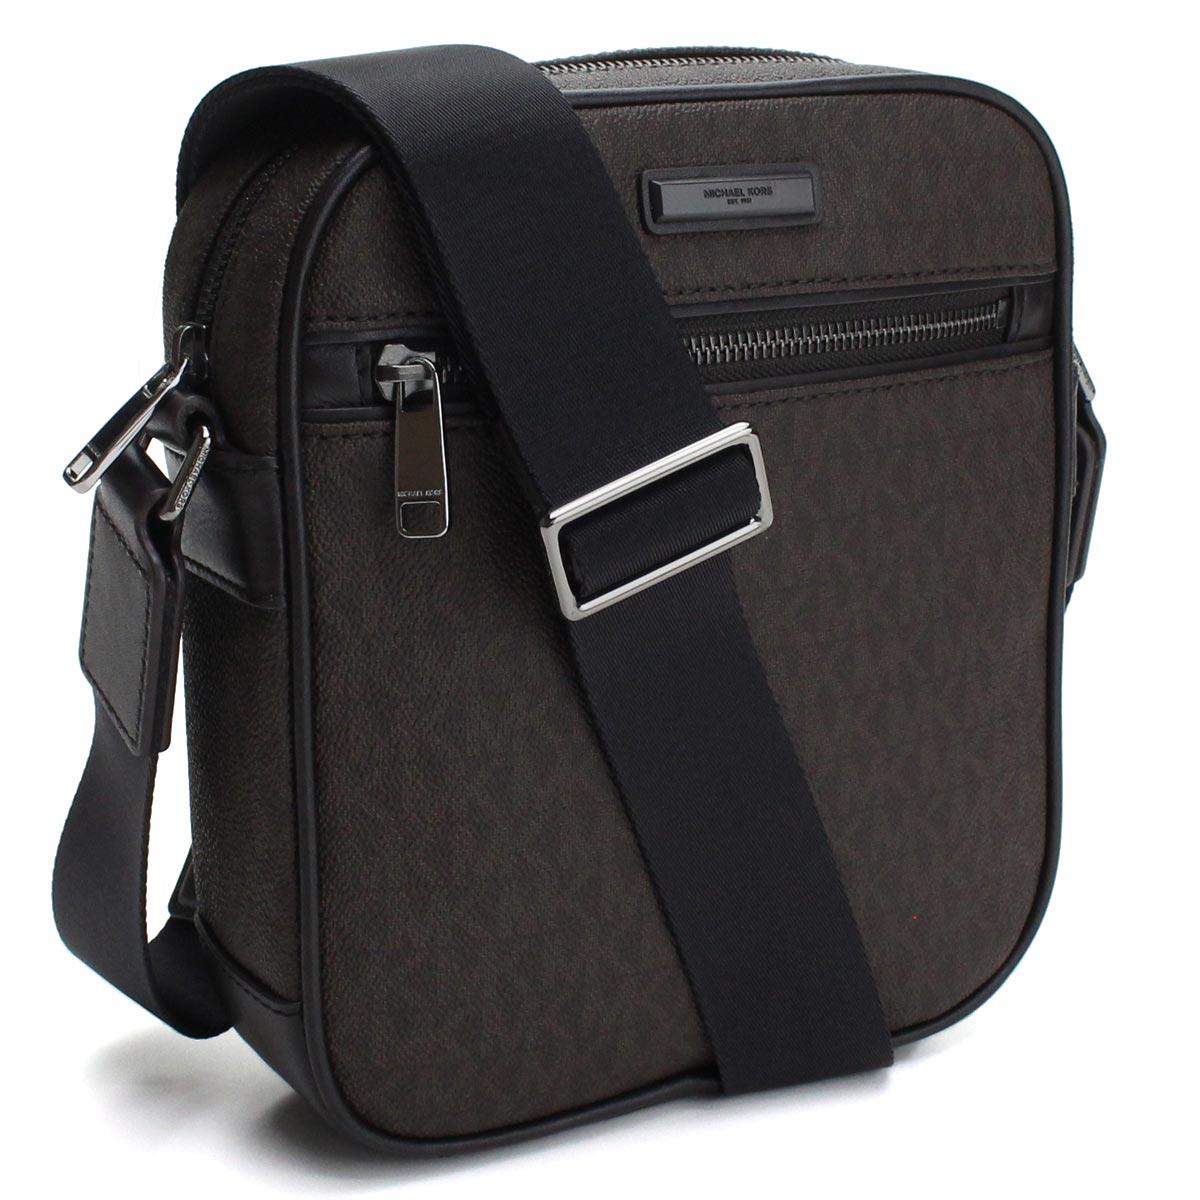 357cfe3cca26 Bighit The total brand wholesale  Take Michael Kors MICHAEL KORS JET SET  MENS slant  shoulder bag 33F7MMNC5B BROWN brown system